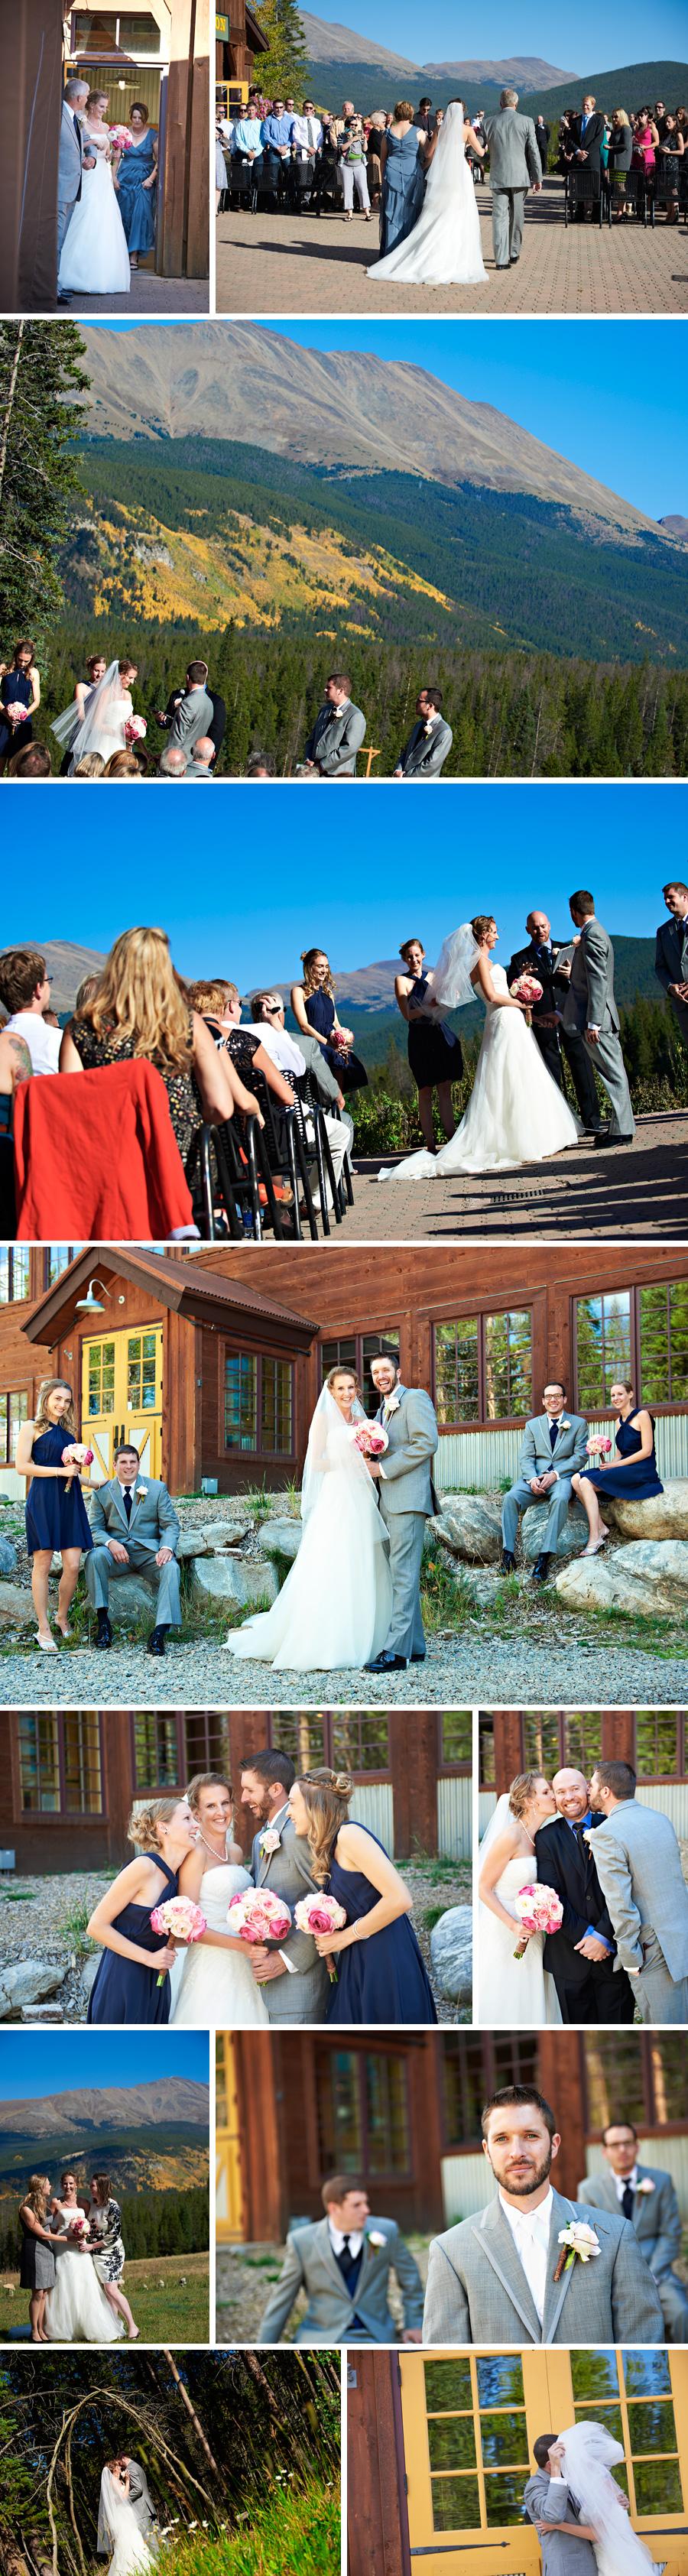 Wedding at Ten Mile Station in Breckenridge Colorado